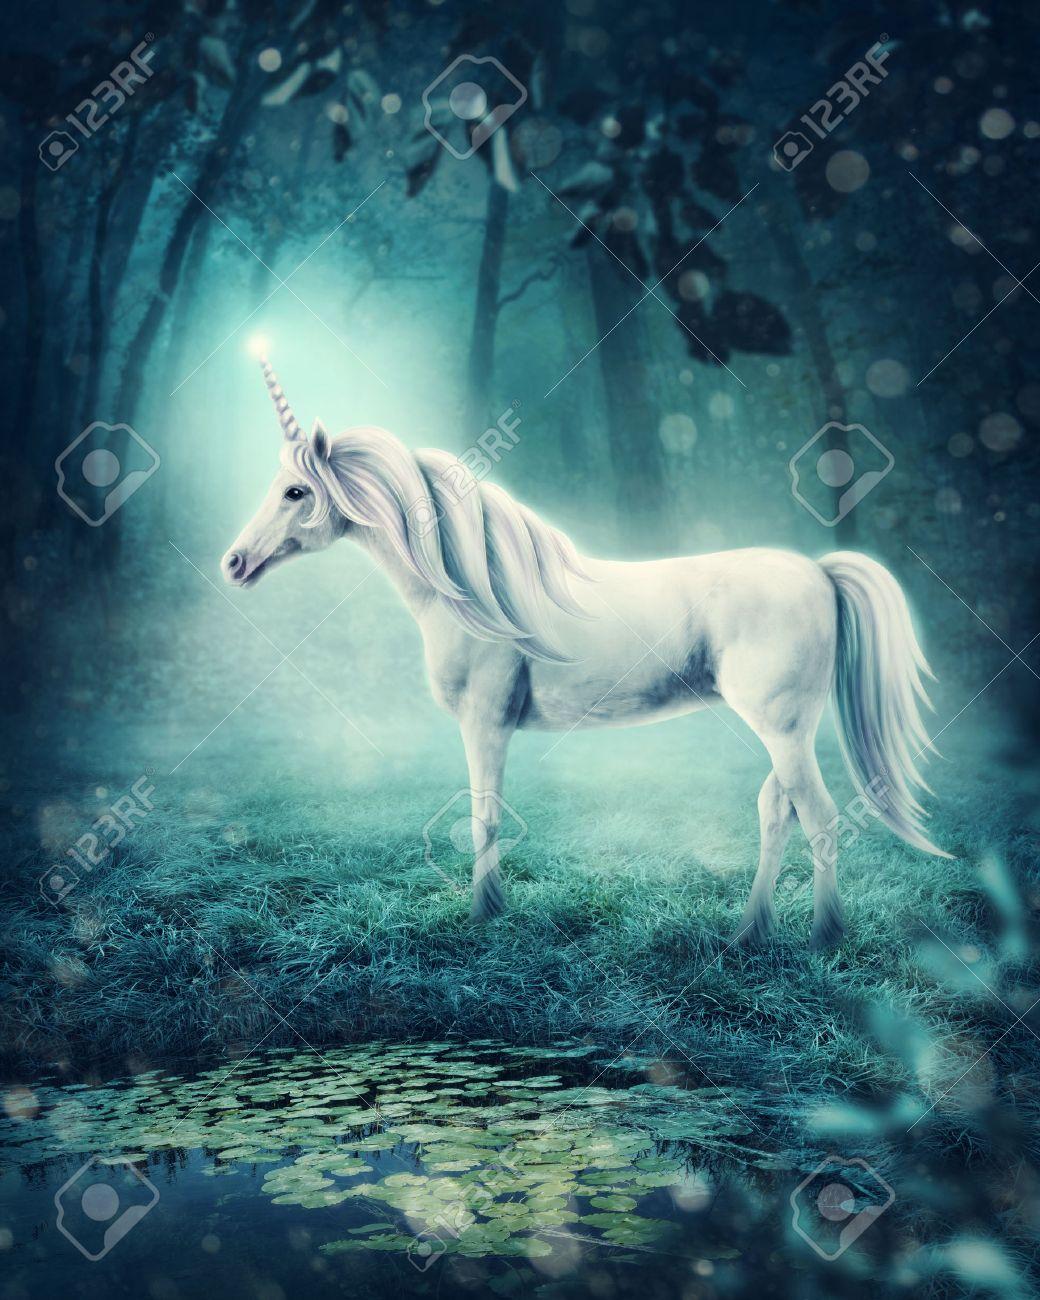 White unicorn in a dark forest - 74343836